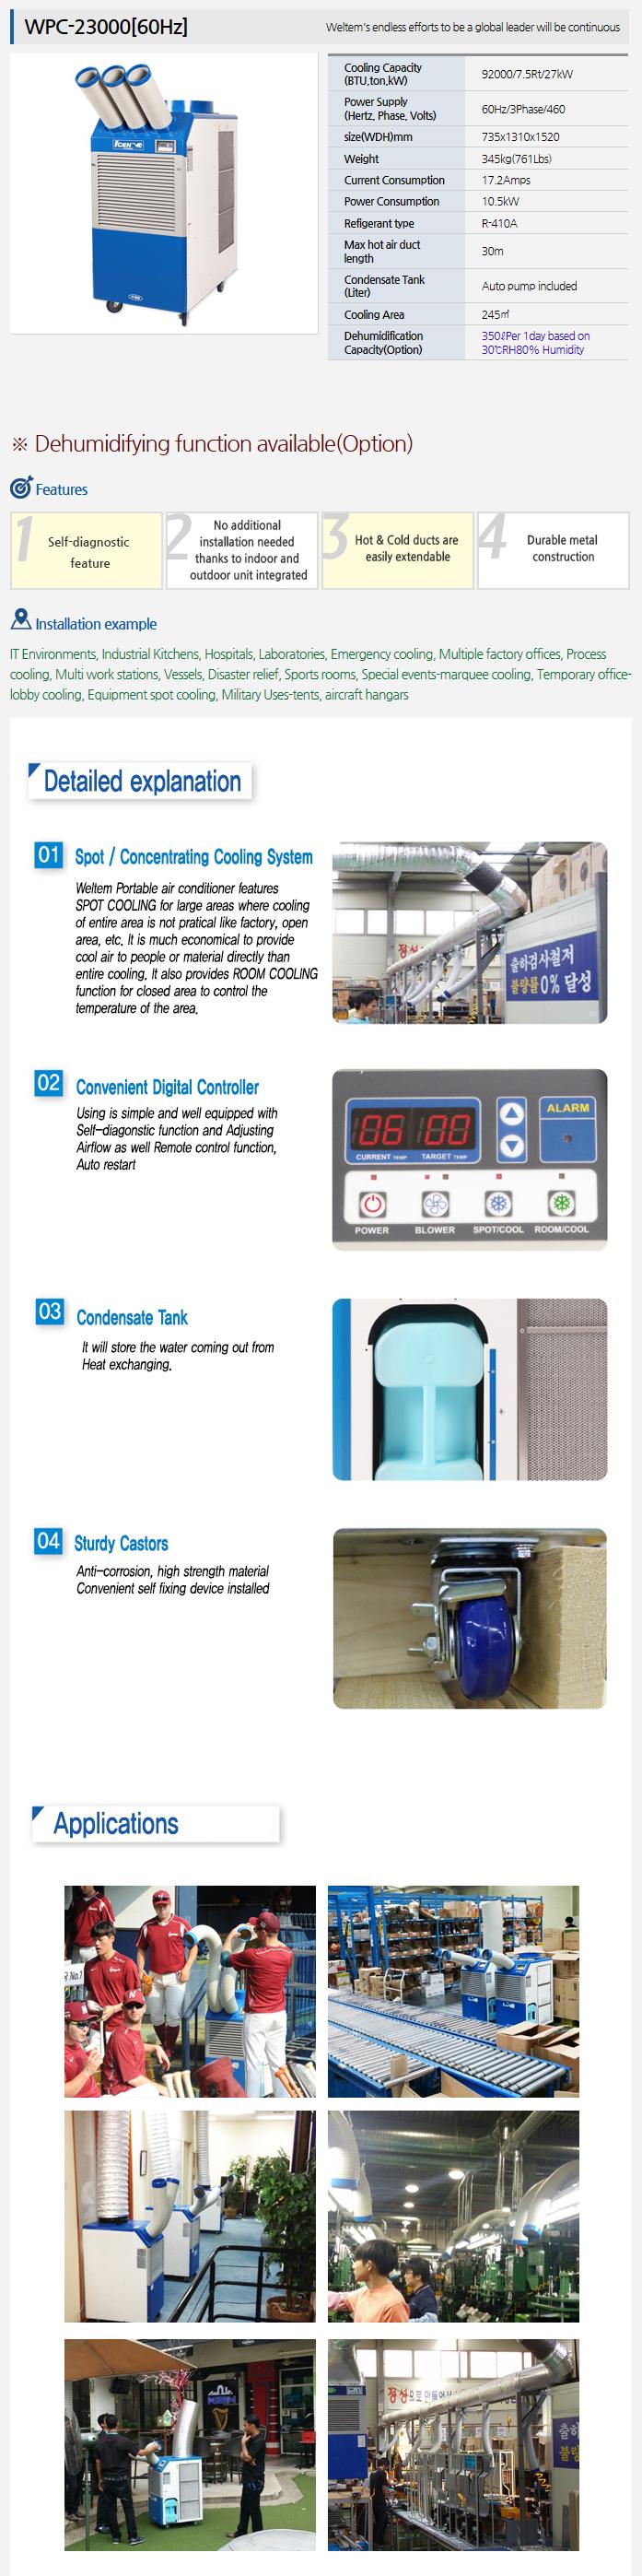 WELTEM Portable A/C (60Hz) WPC-23000